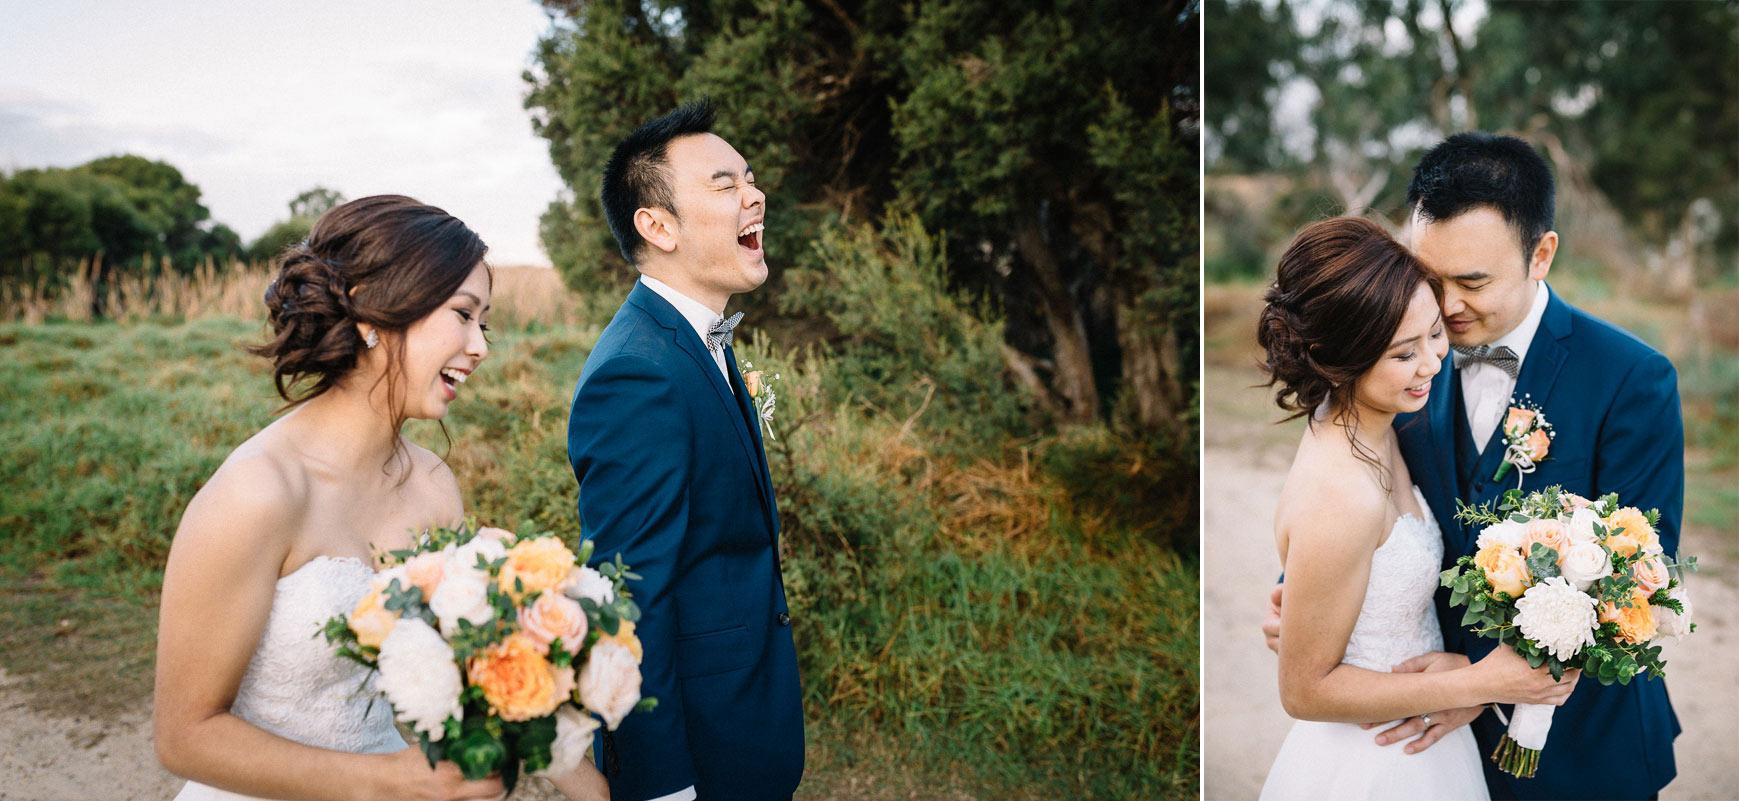 perth-wedding-photography-piotrek-ziolkowski-62.jpg